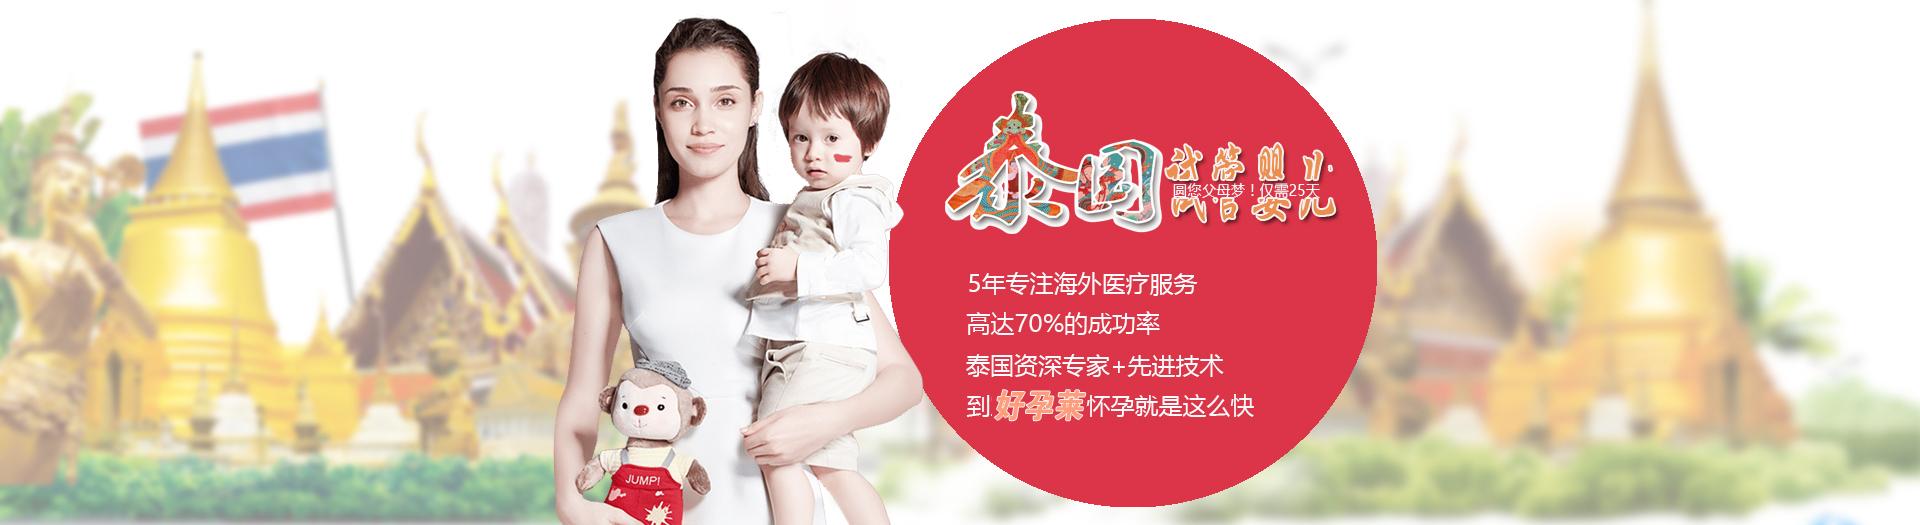 好孕莱泰国试管婴儿资深专家与第三代试管婴儿技术结合